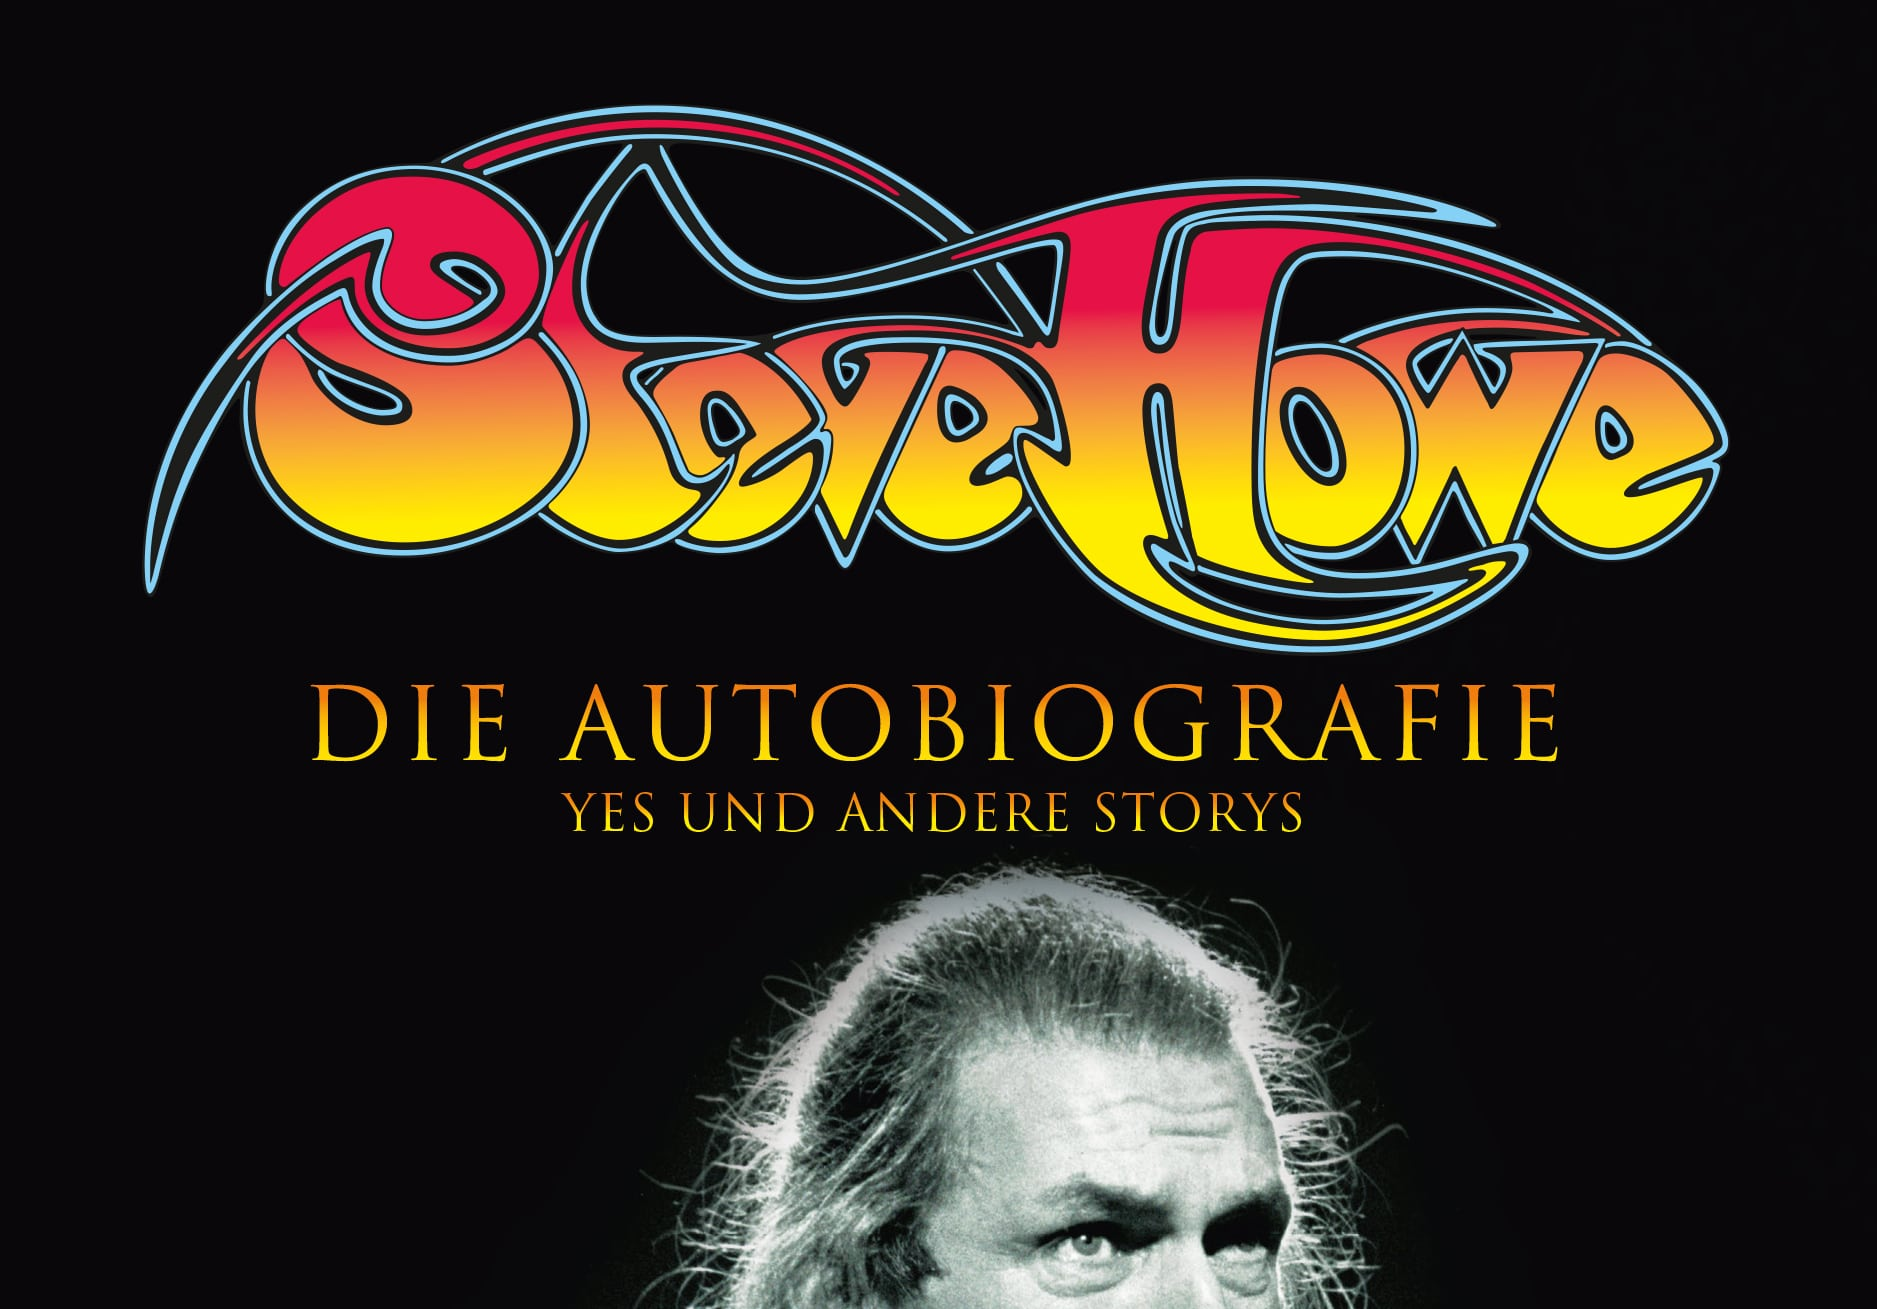 www.meine-biographie.com-neuerscheinung-autobiografie-von-steve-howe-yes-steve